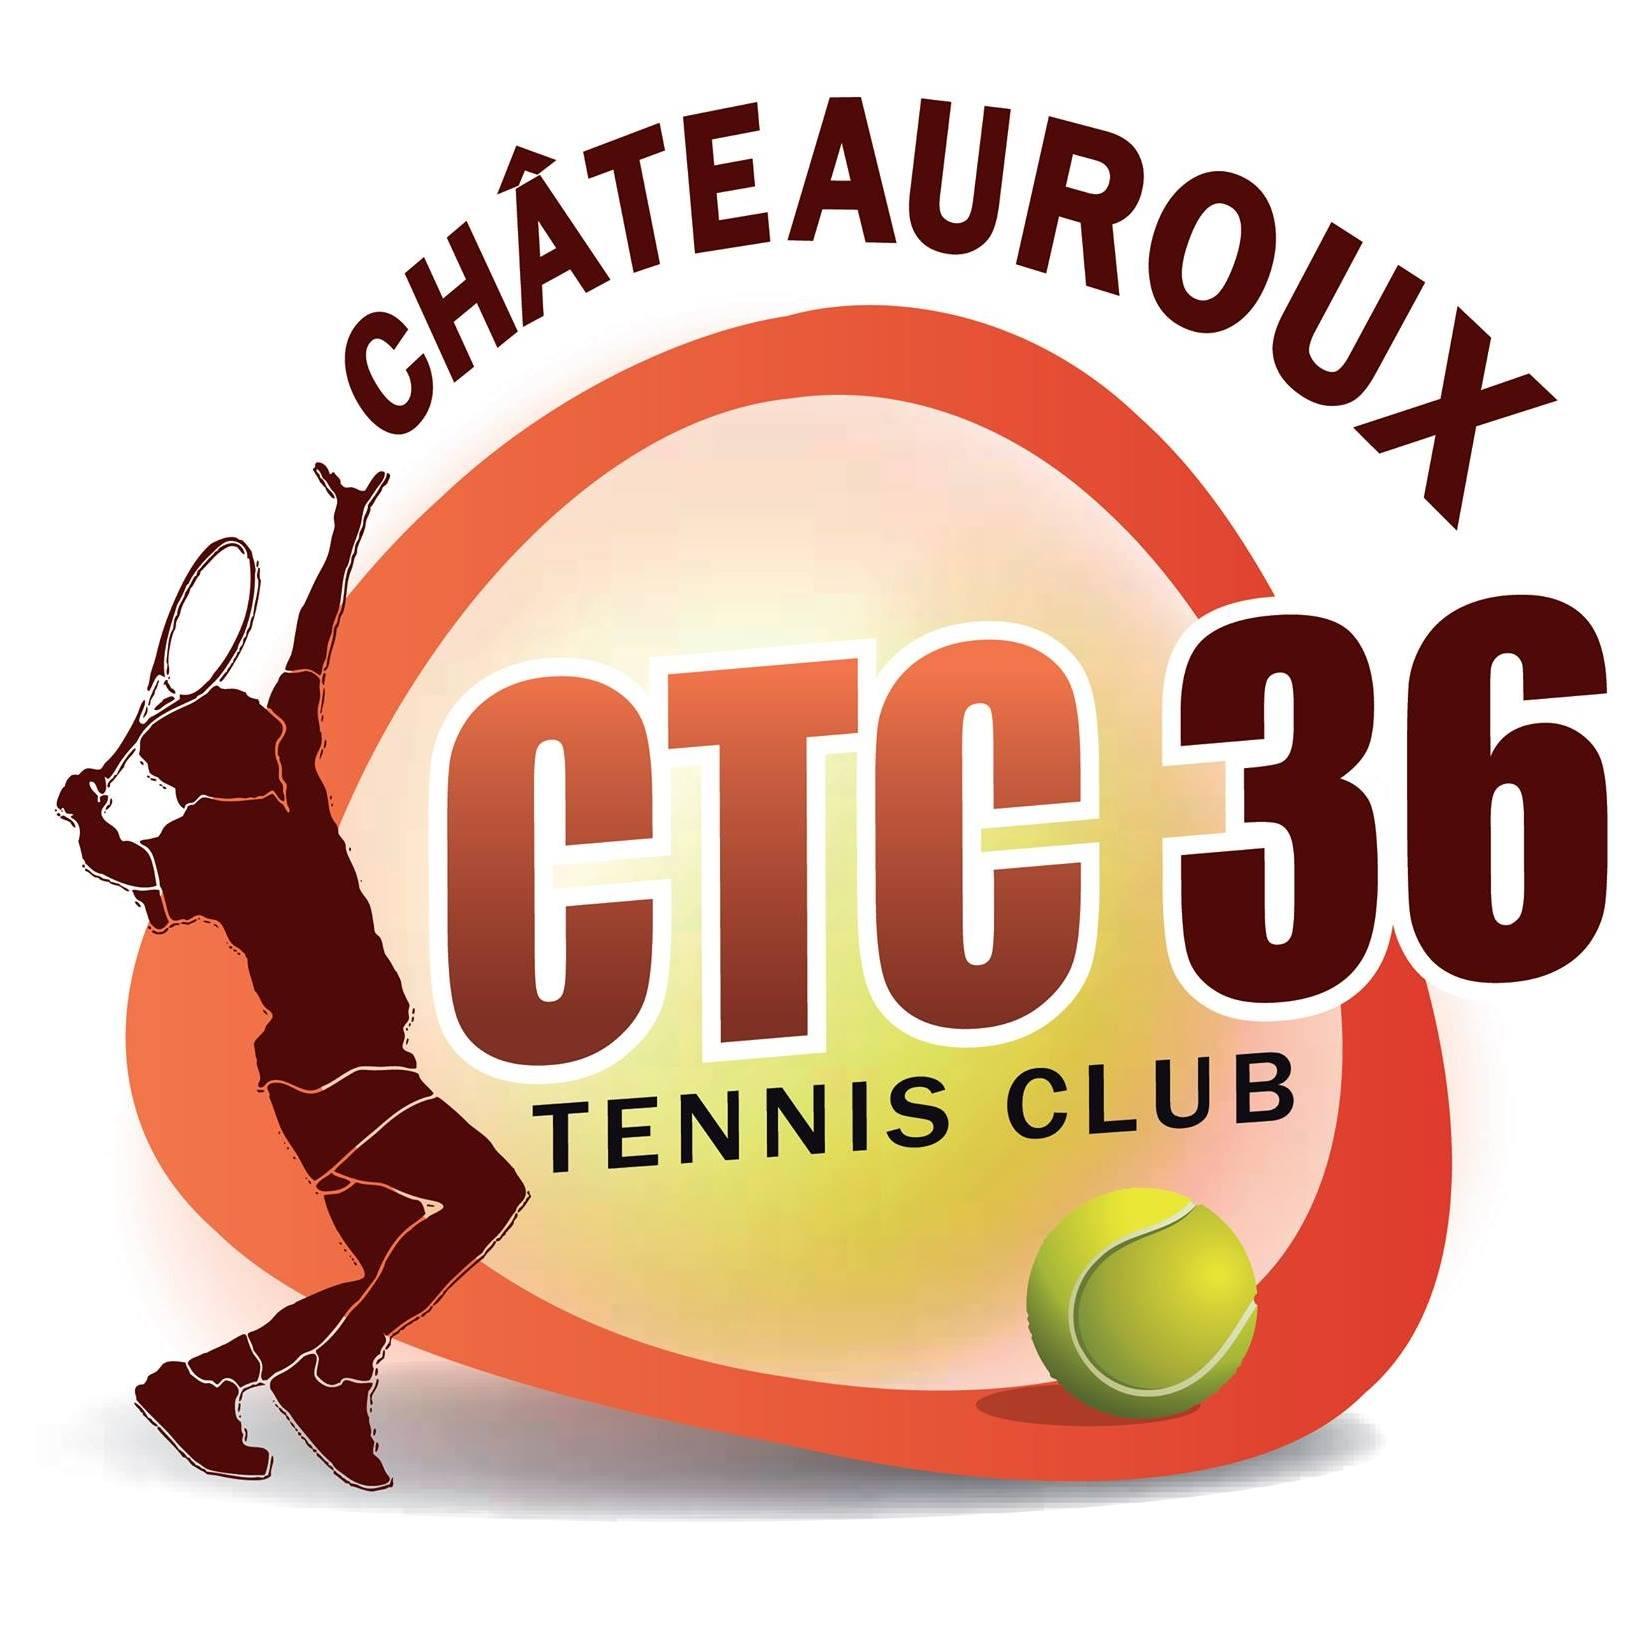 Châteauroux Tennis Club